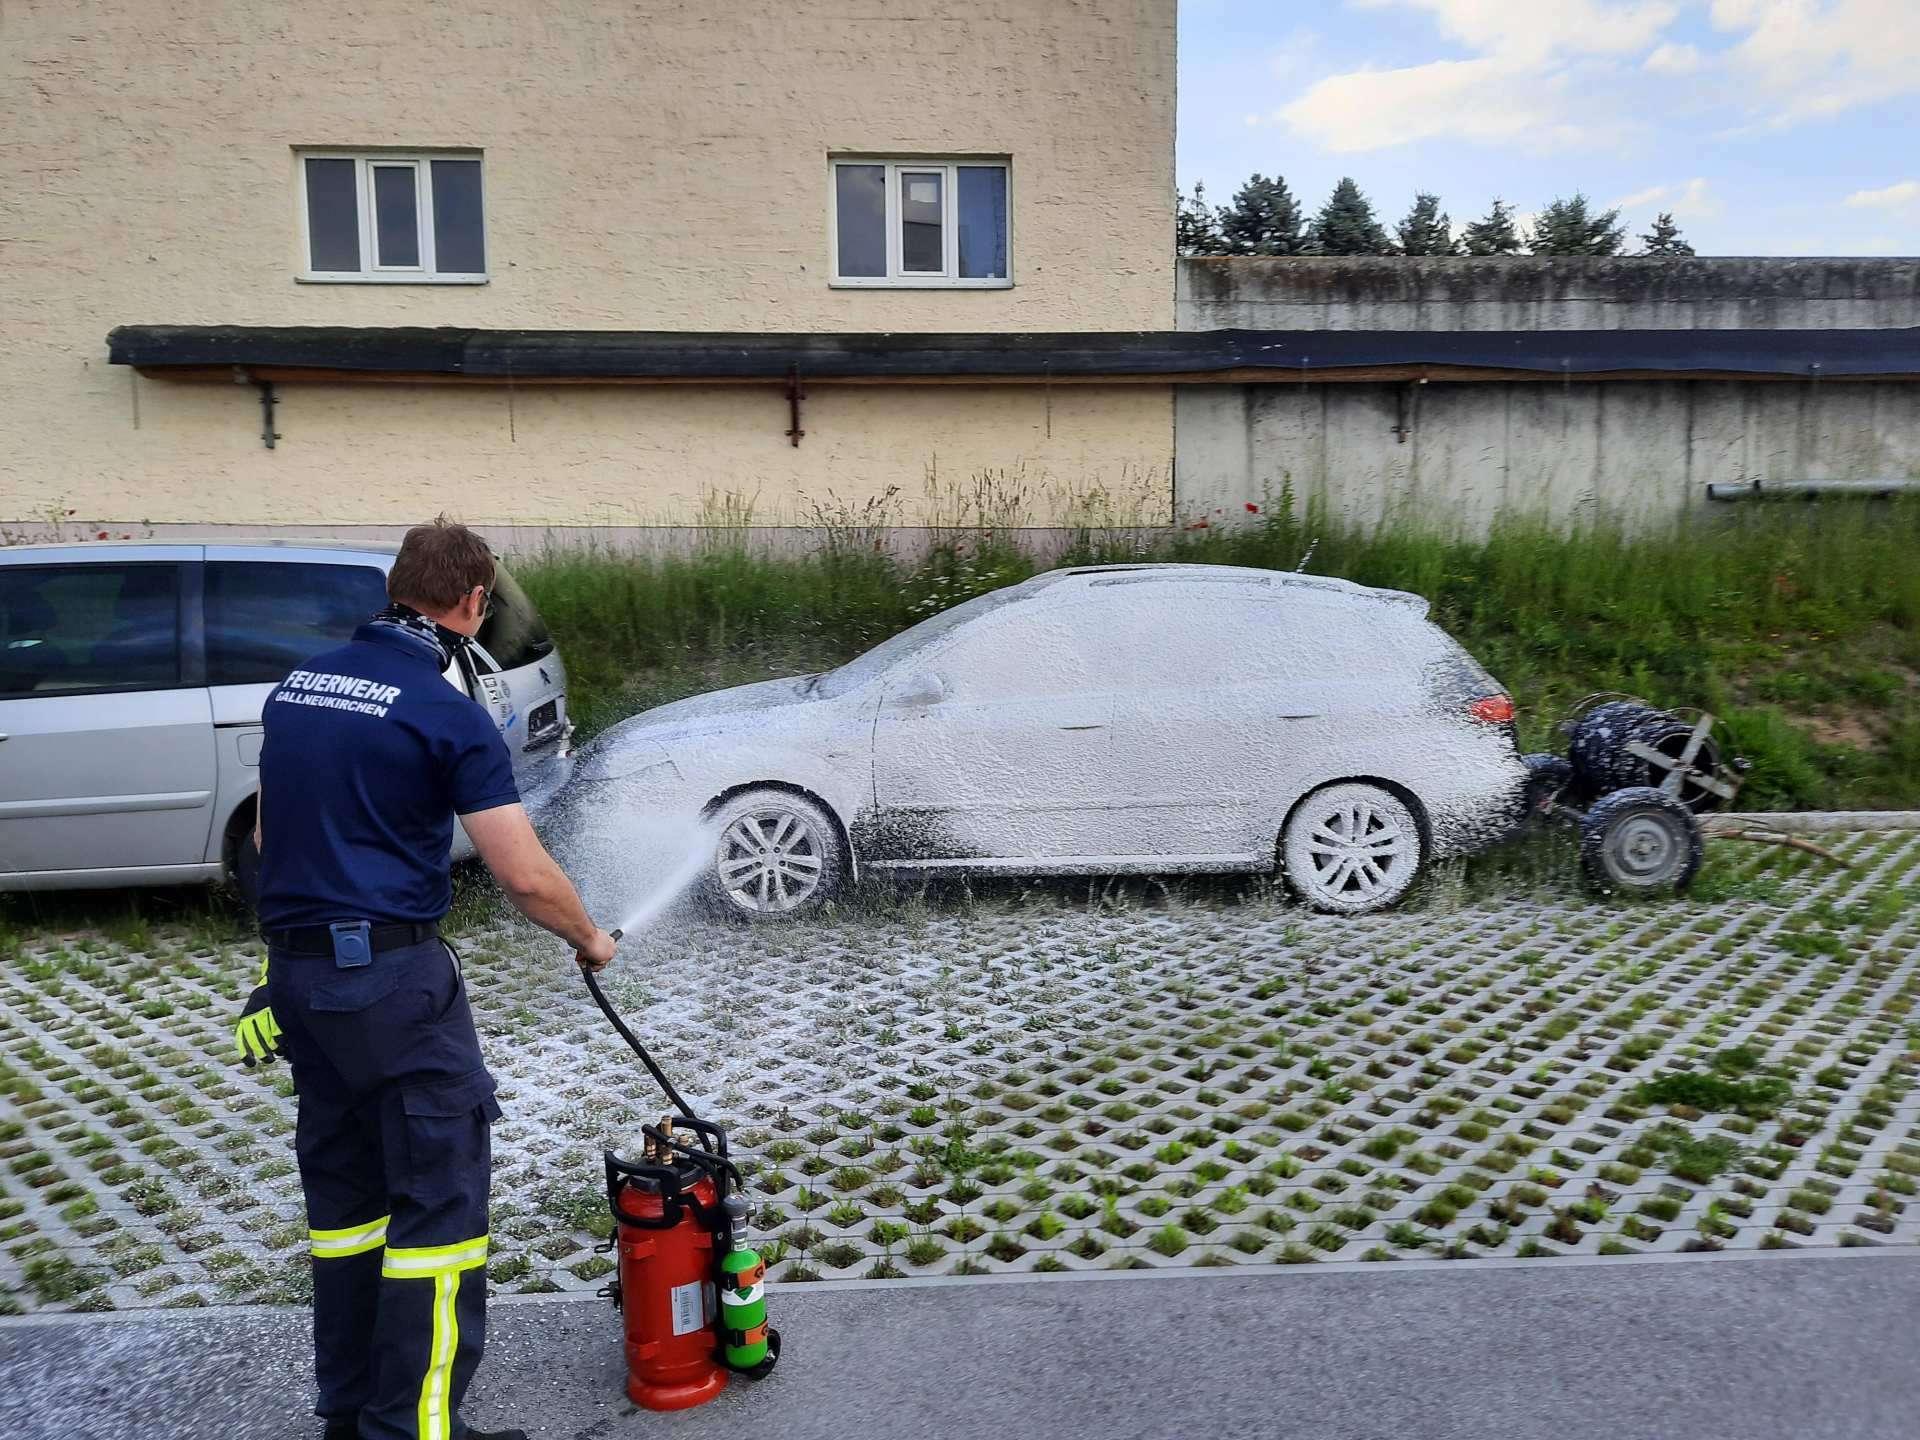 Übung in Kleingruppen: Feuerwehr beübt neues Einsatzgerät